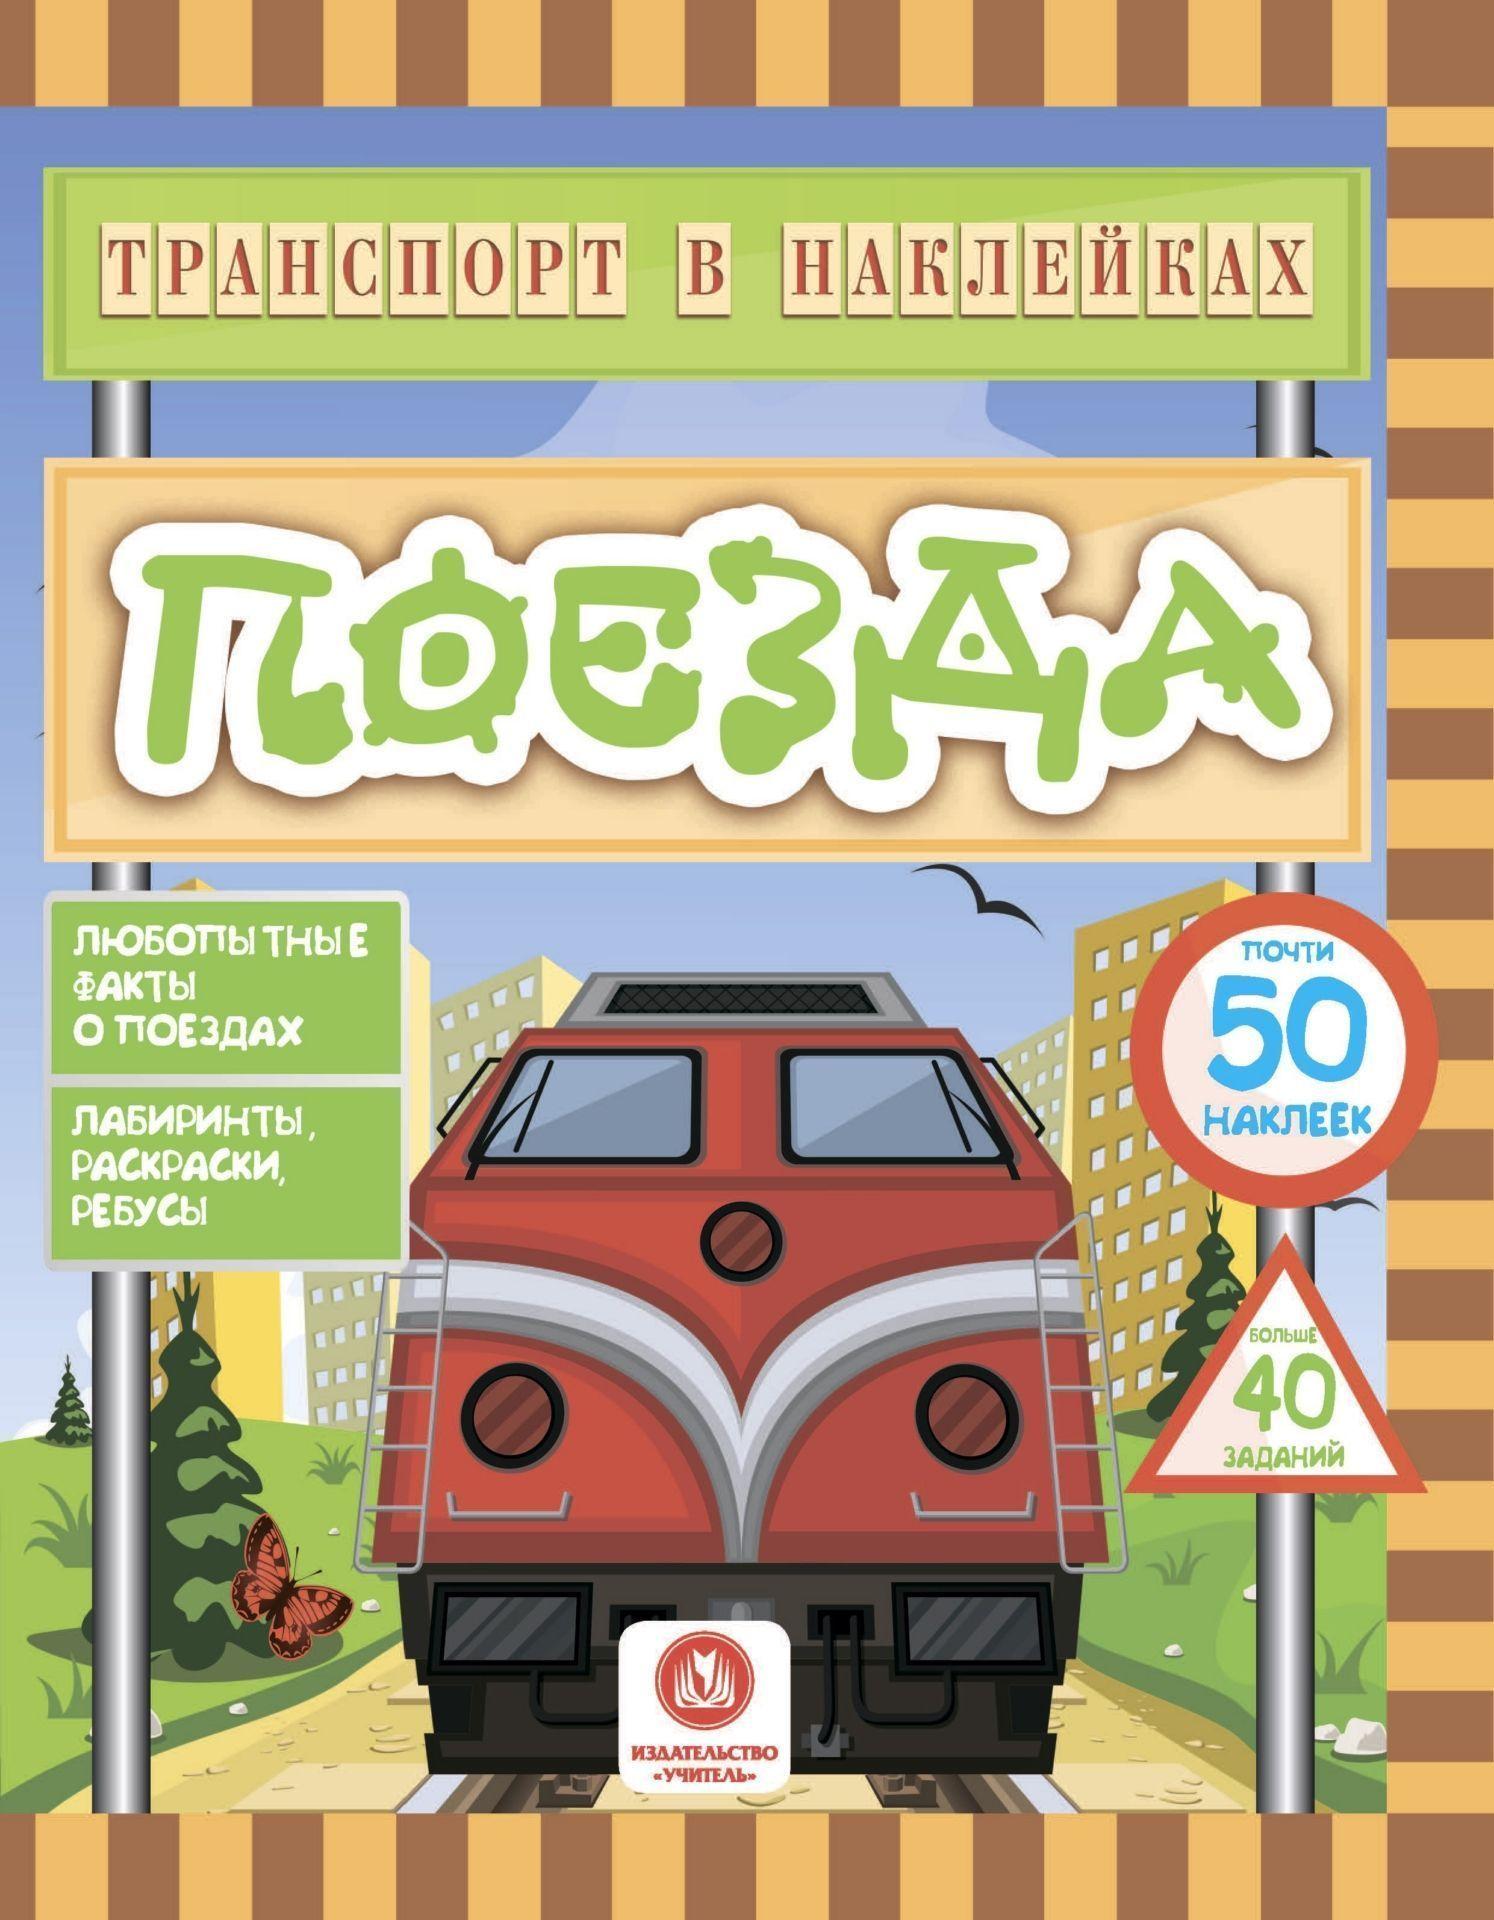 Ю. С. Андреева Транспорт в наклейках. Поезда: Любопытные факты о поездах. Лабиринты, раскраски, ребусы. 40 интерактивных заданий